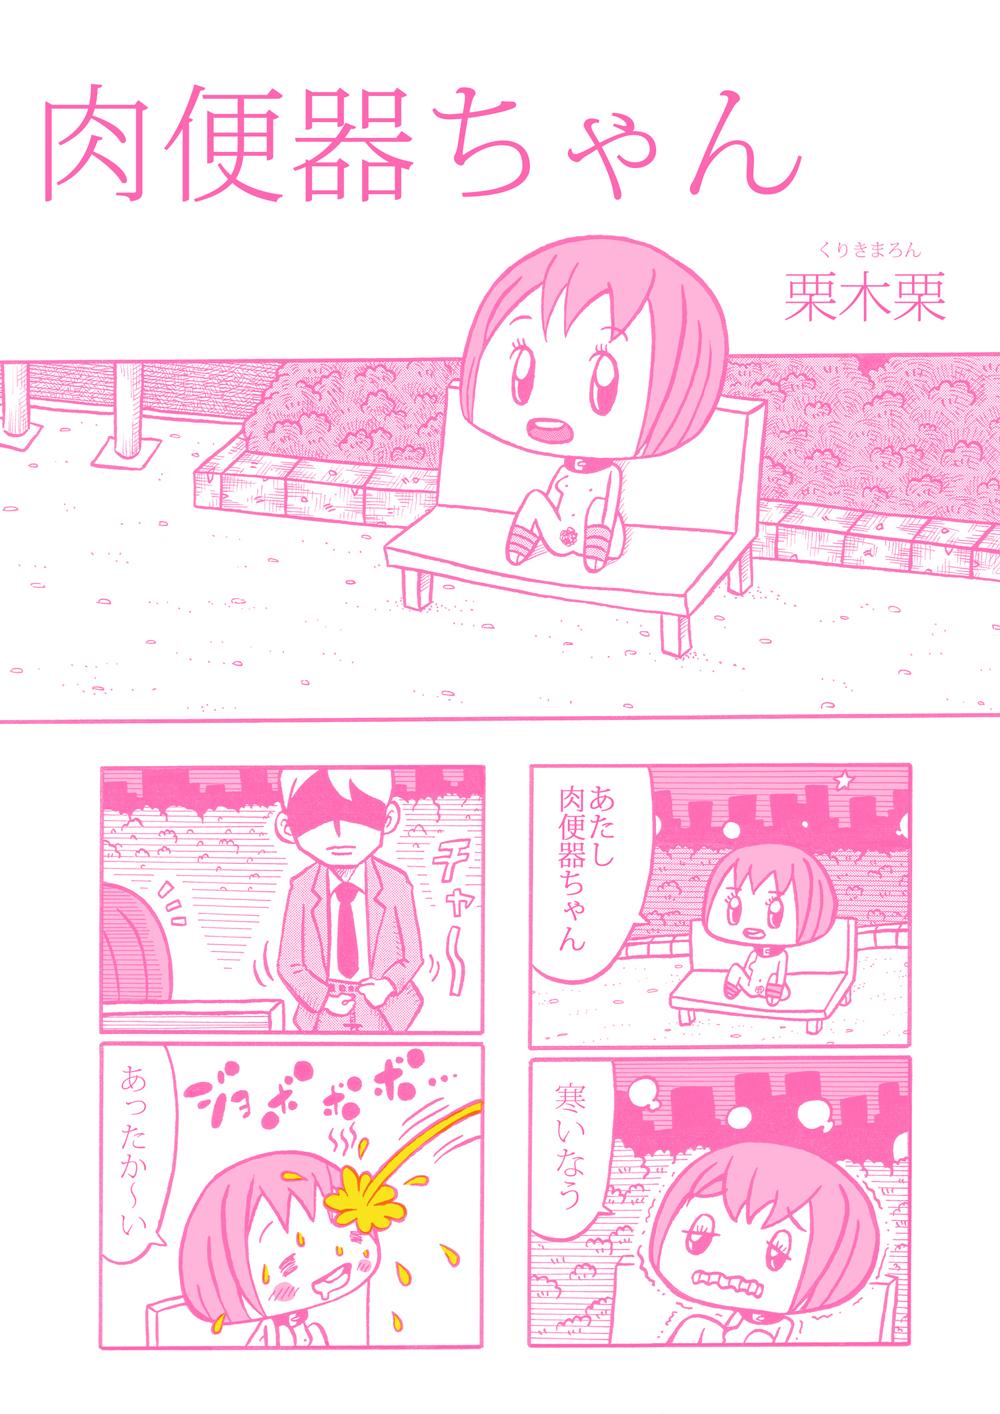 nikuben-p01.jpg